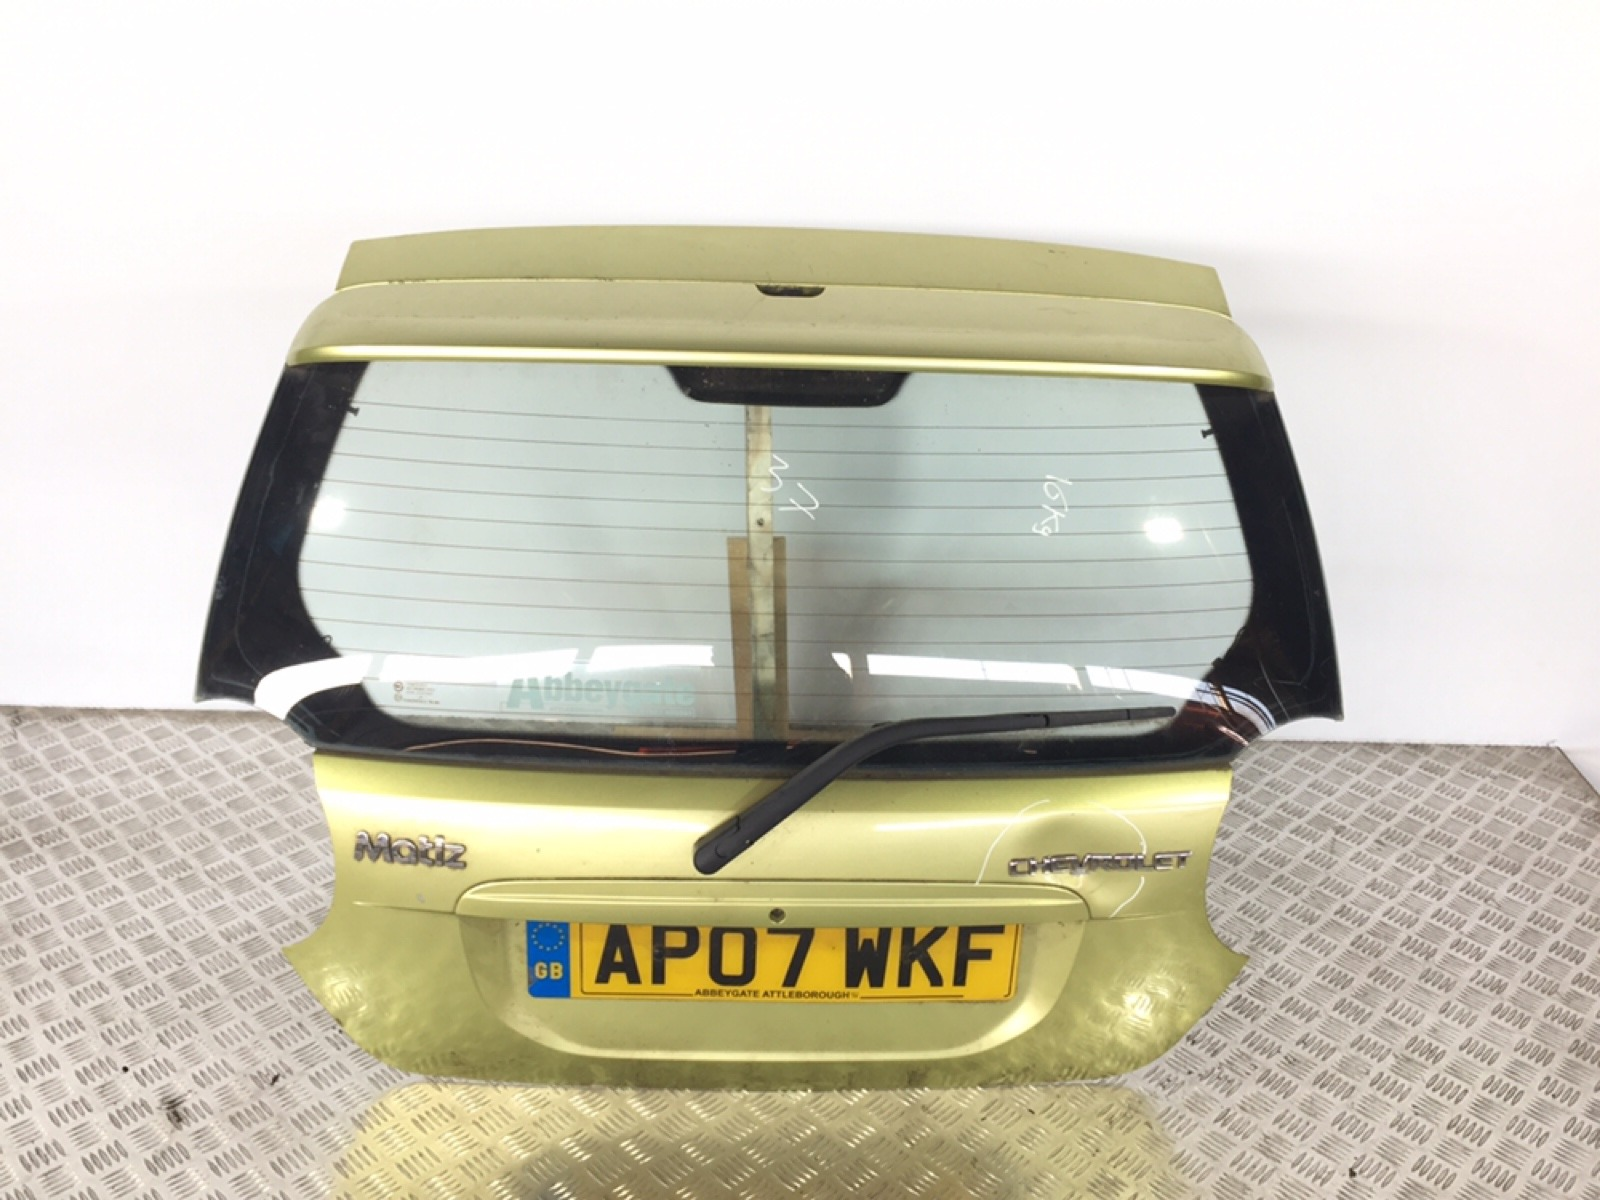 Моторчик заднего стеклоочистителя (дворника) Chevrolet Matiz 1.0 I 2007 (б/у)